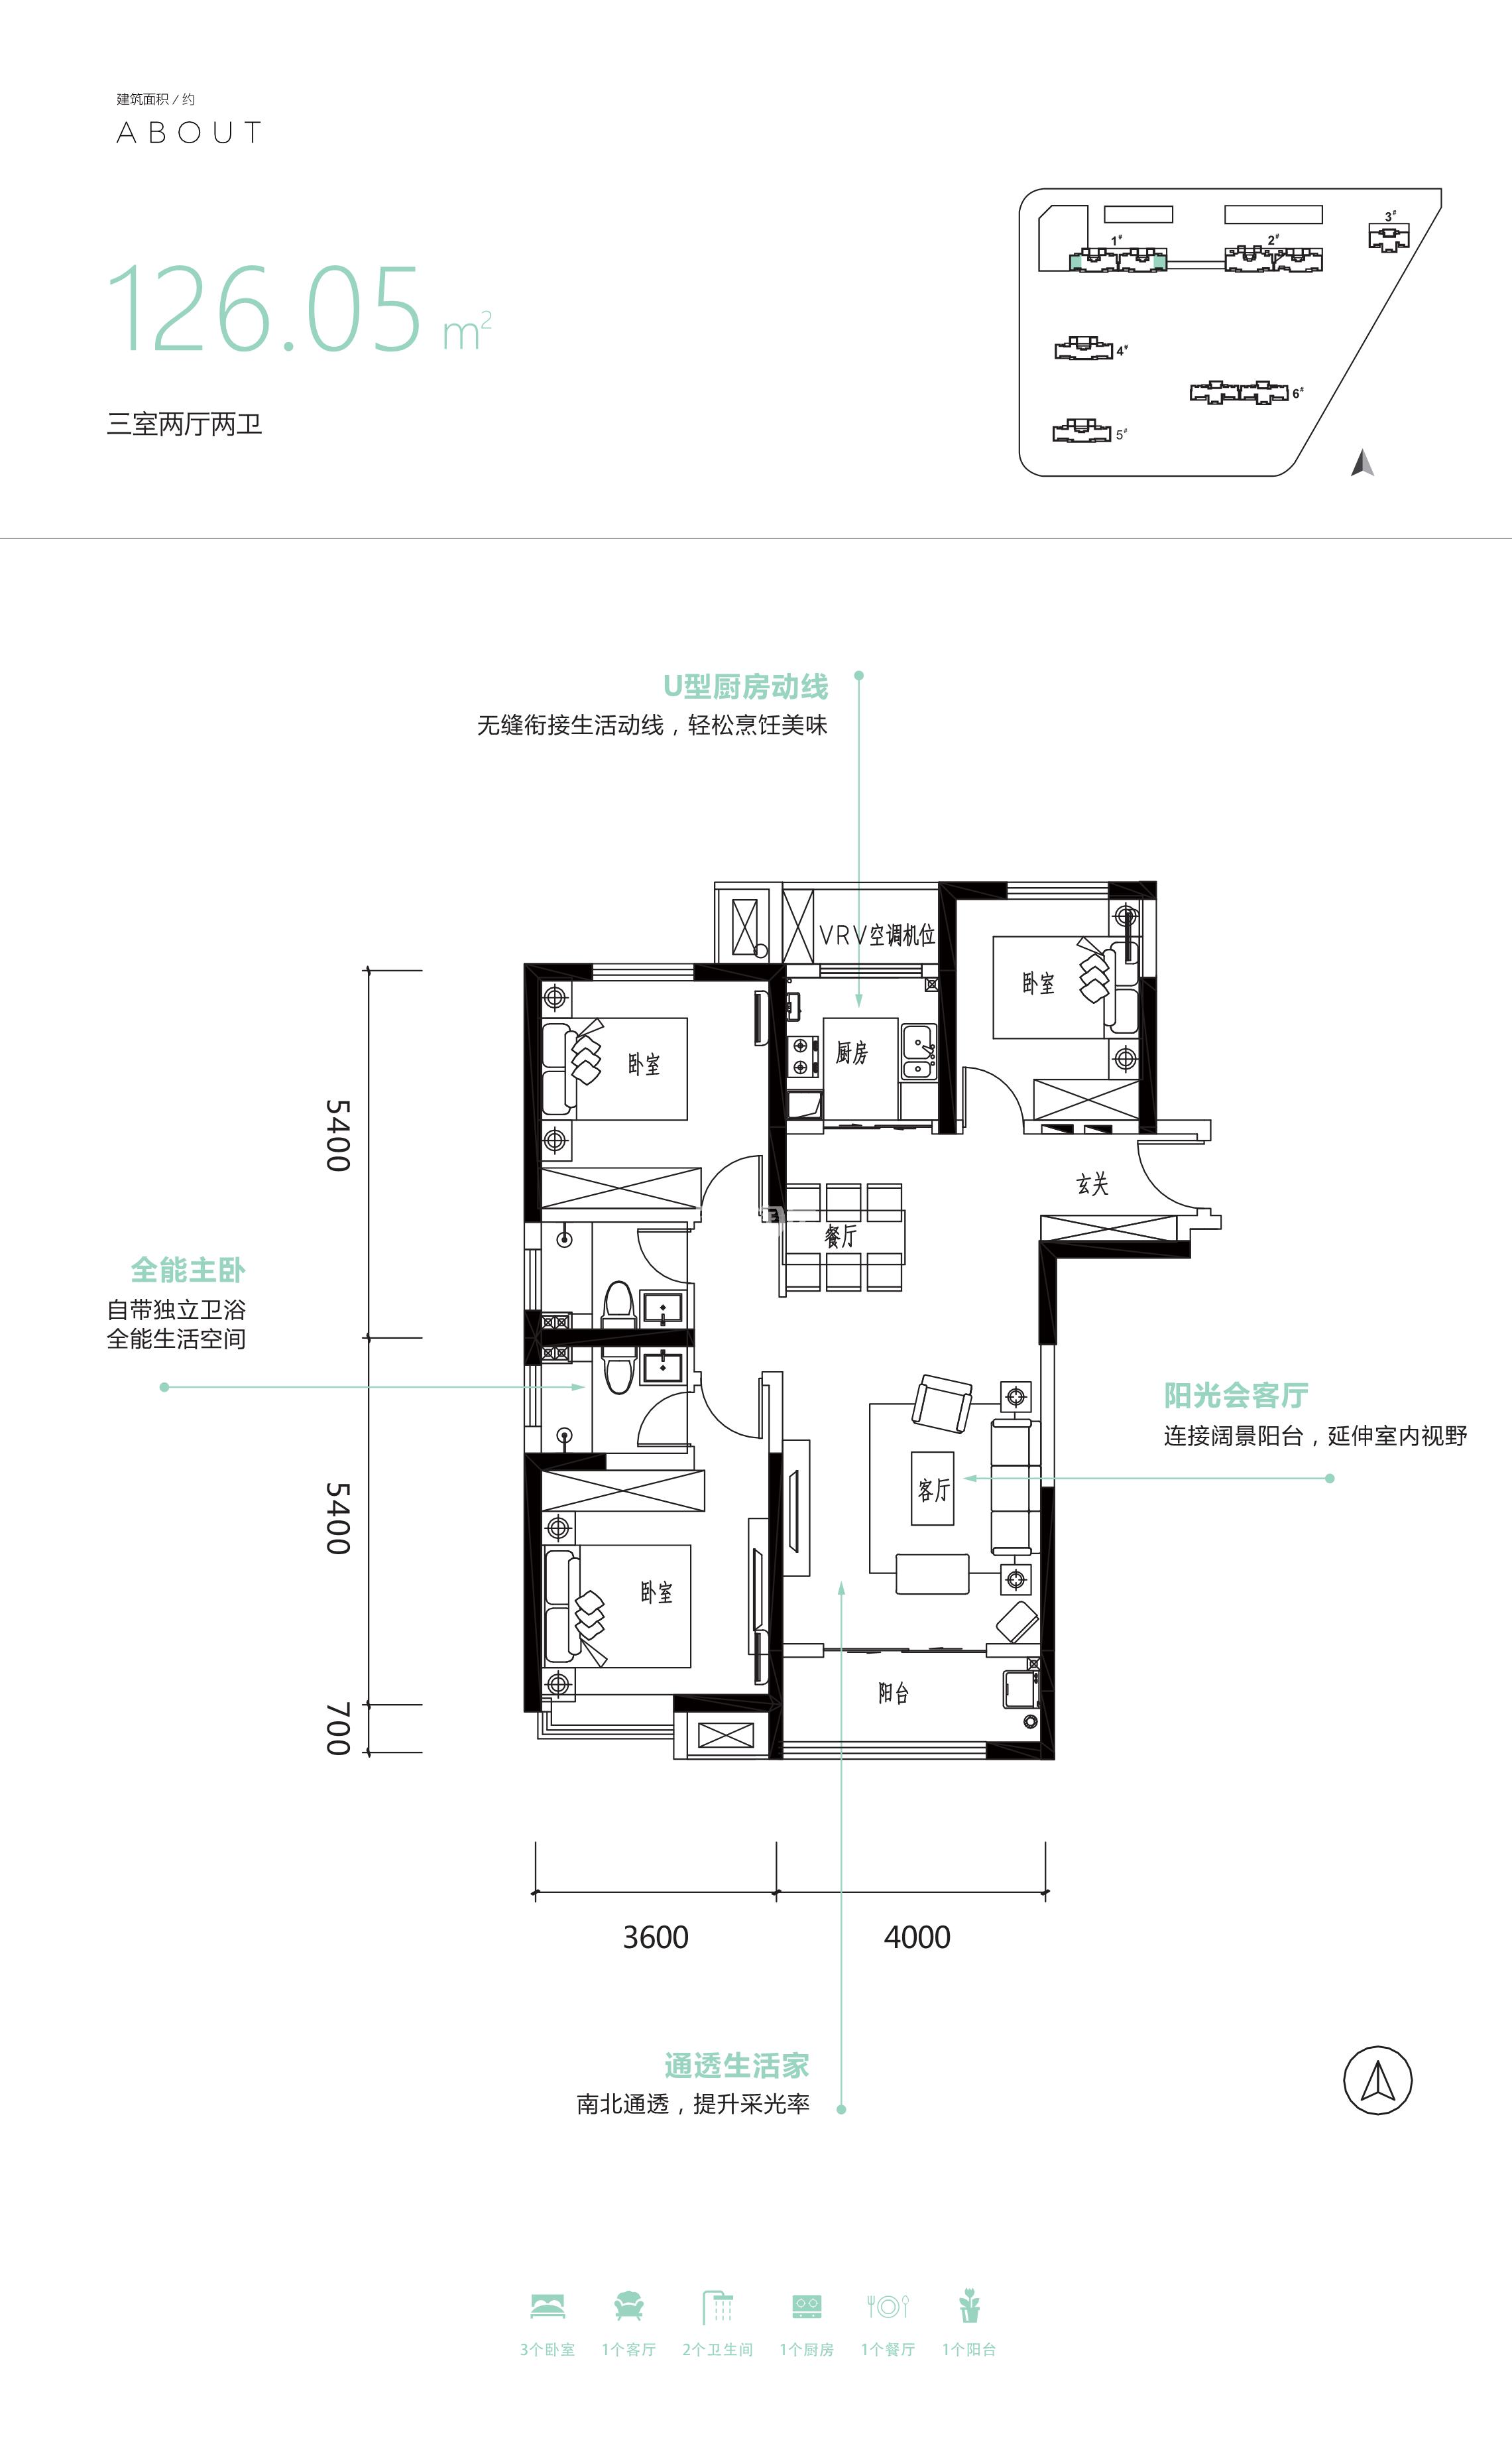 启迪大院儿126.05㎡三室两厅两卫户型图